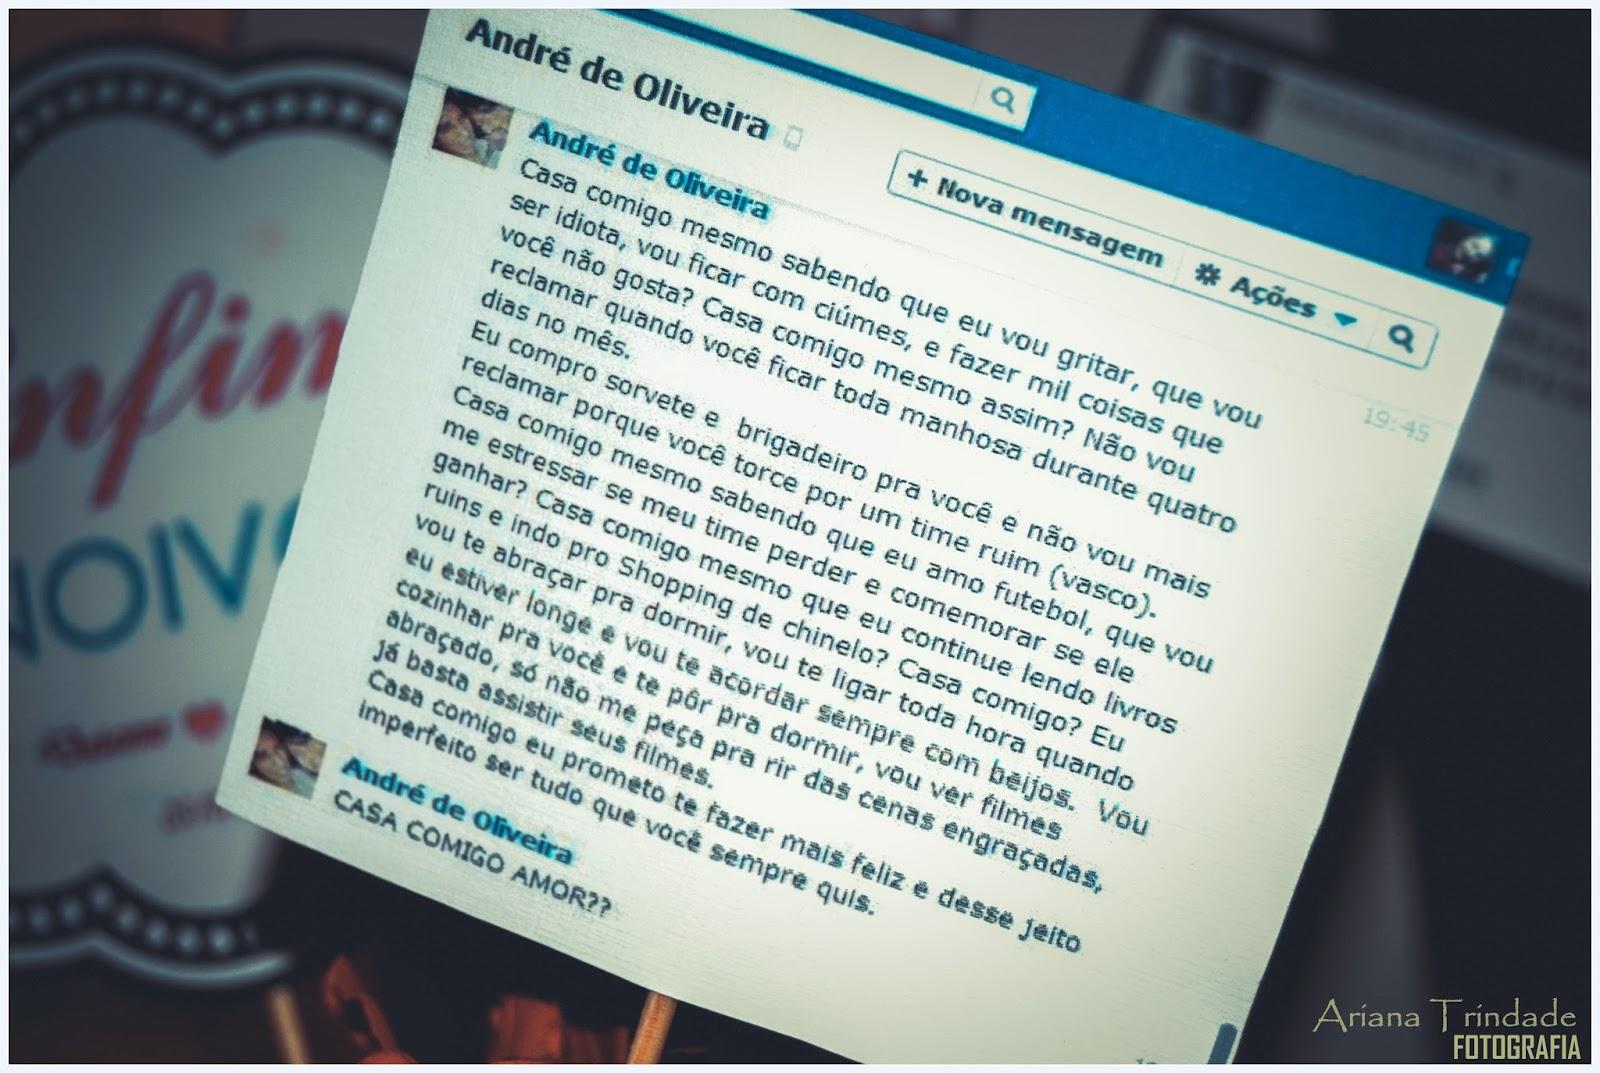 noivado-daianne-andre-mensagem-facebook